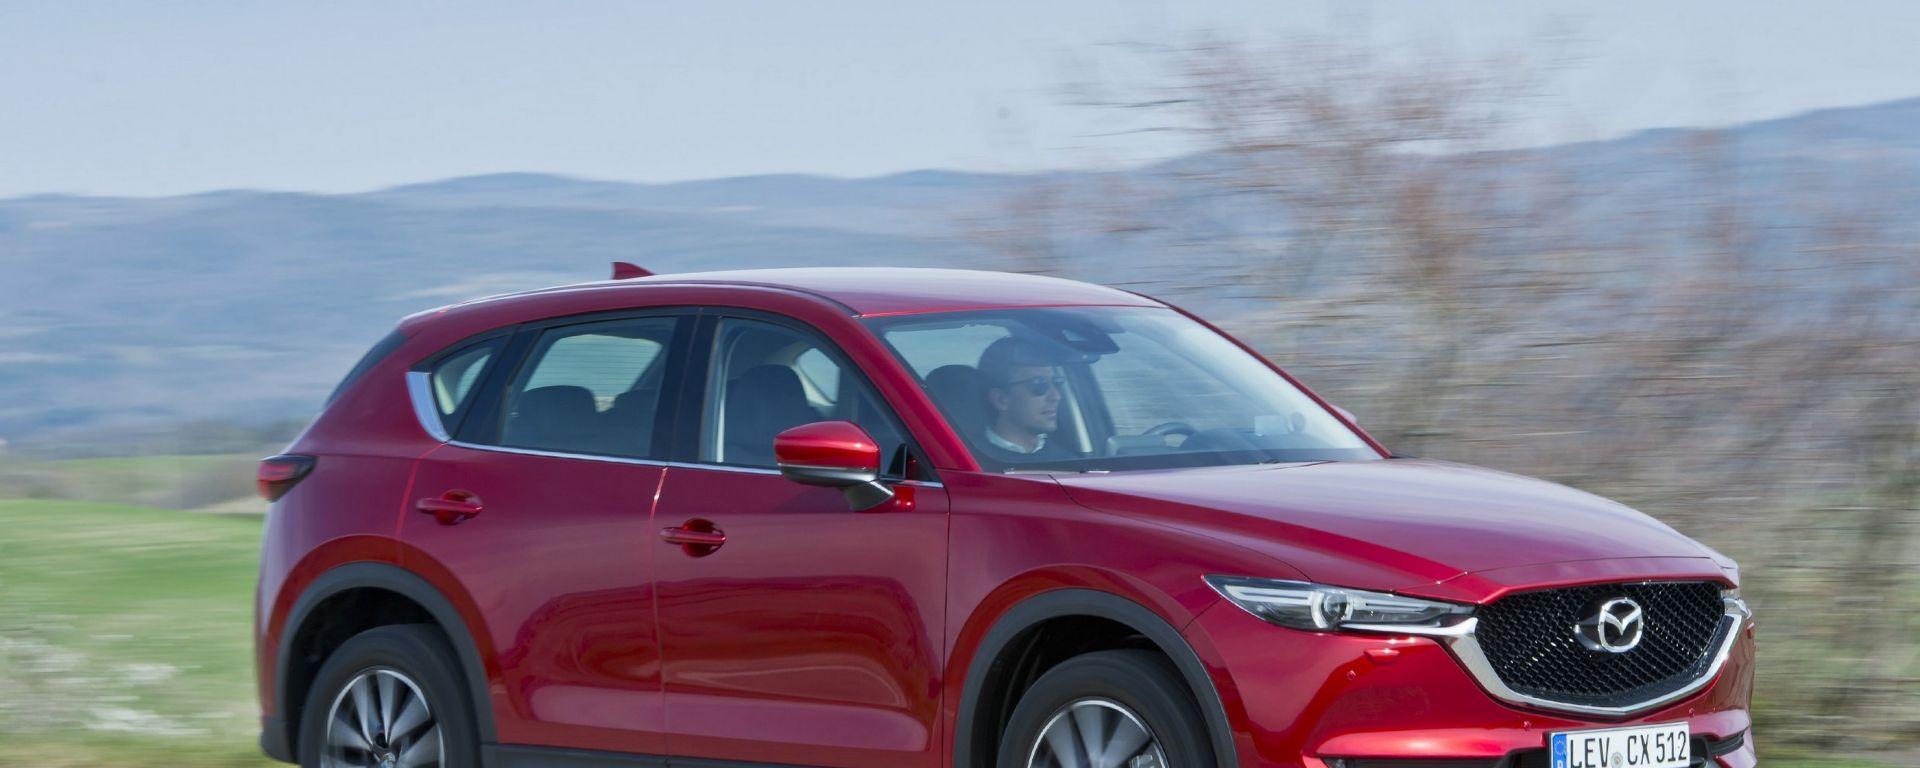 Mazda CX-5: in arrivo nuovi motori per il Suv di Hiroshima